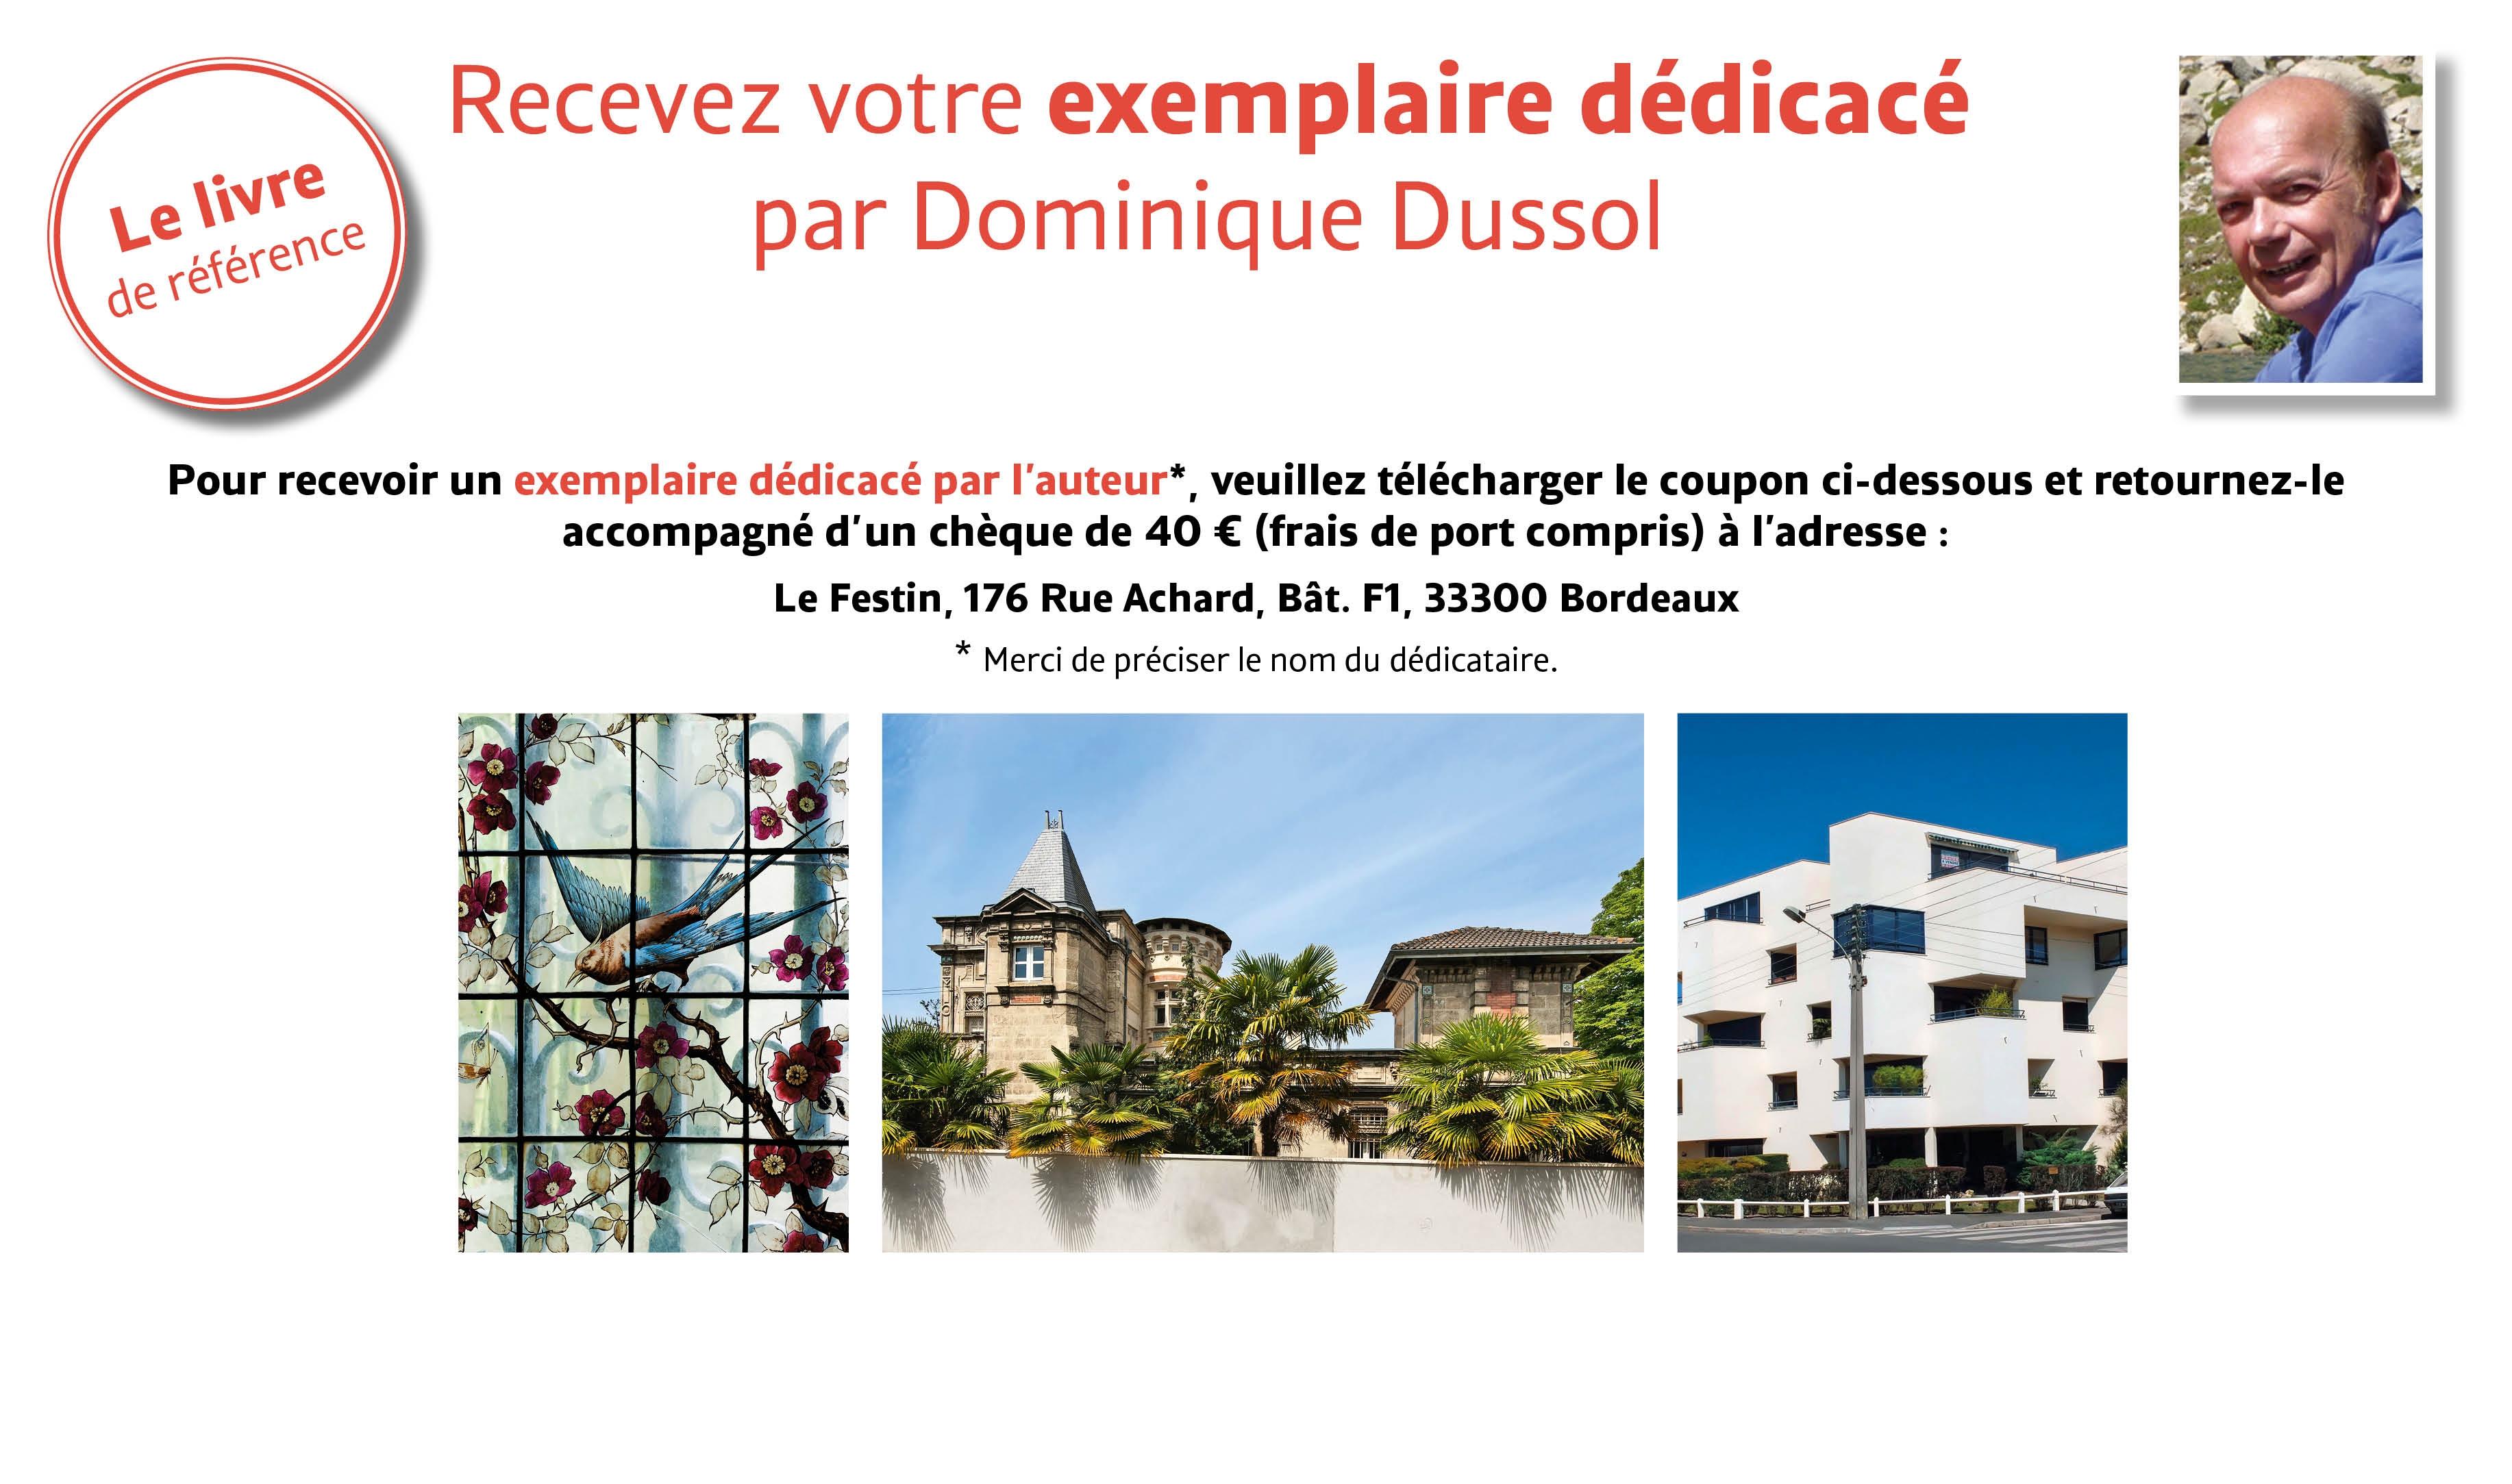 Caudéran - le livre de référence de Dominique Dussol